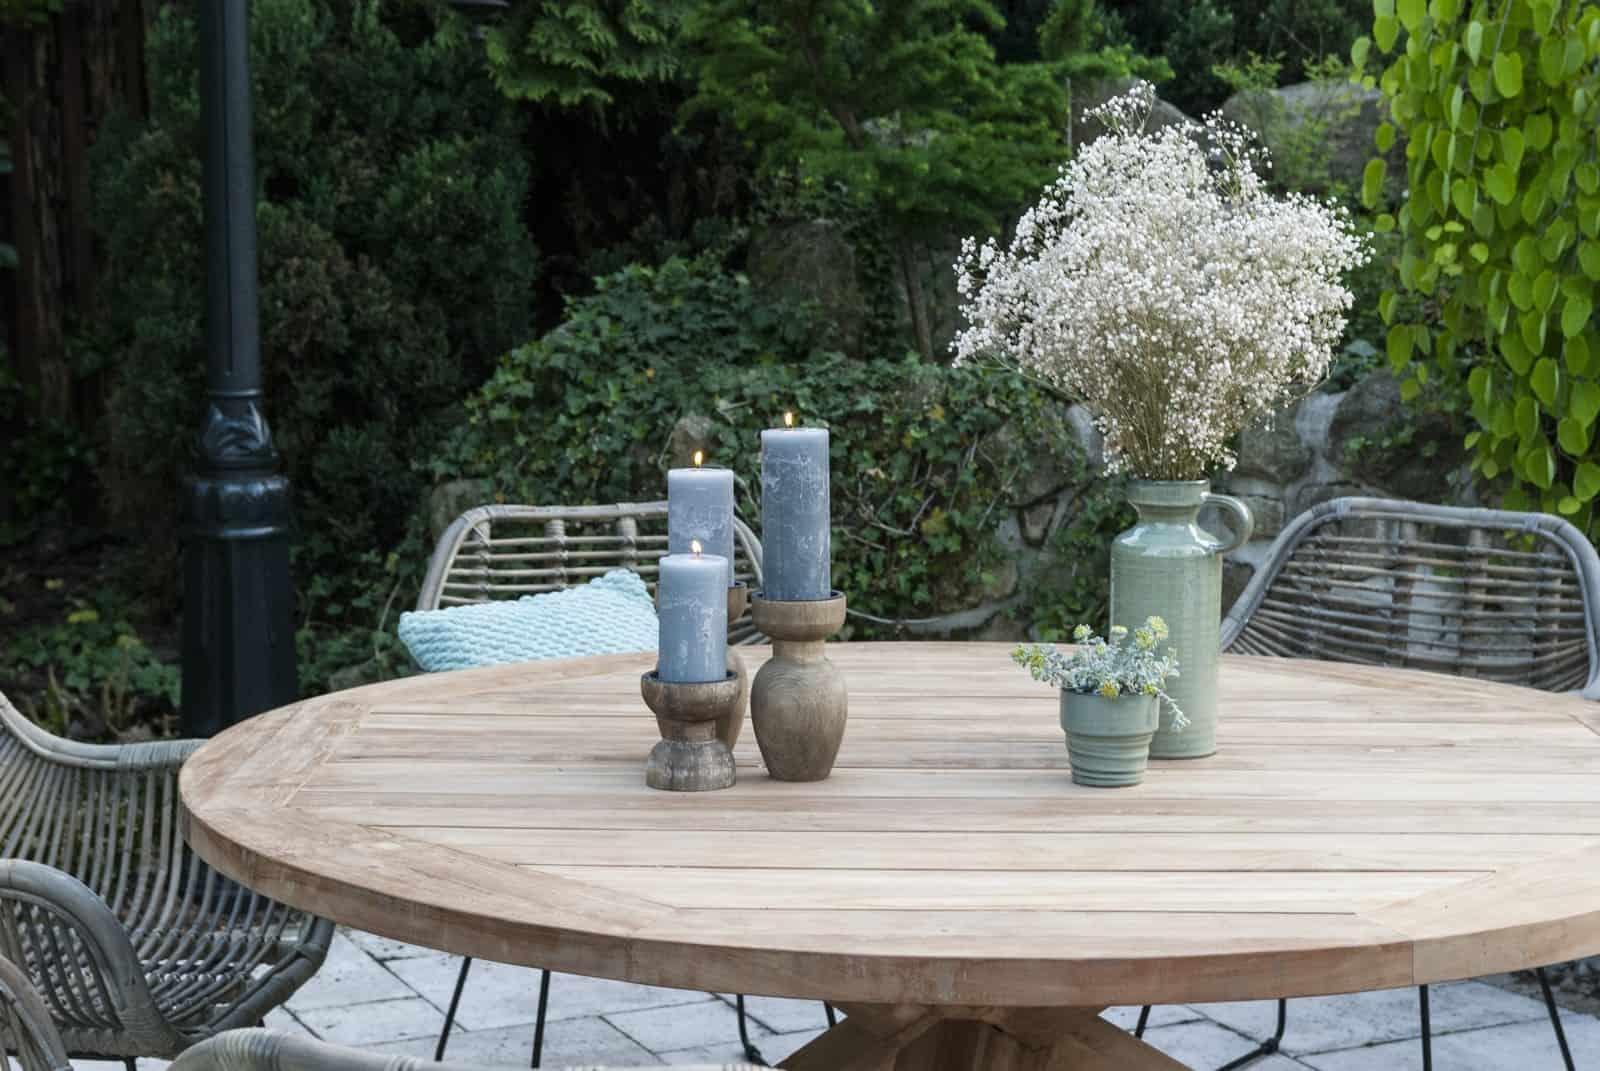 zestaw mebli tarasowych ze stołem tekowym BORDEAUX